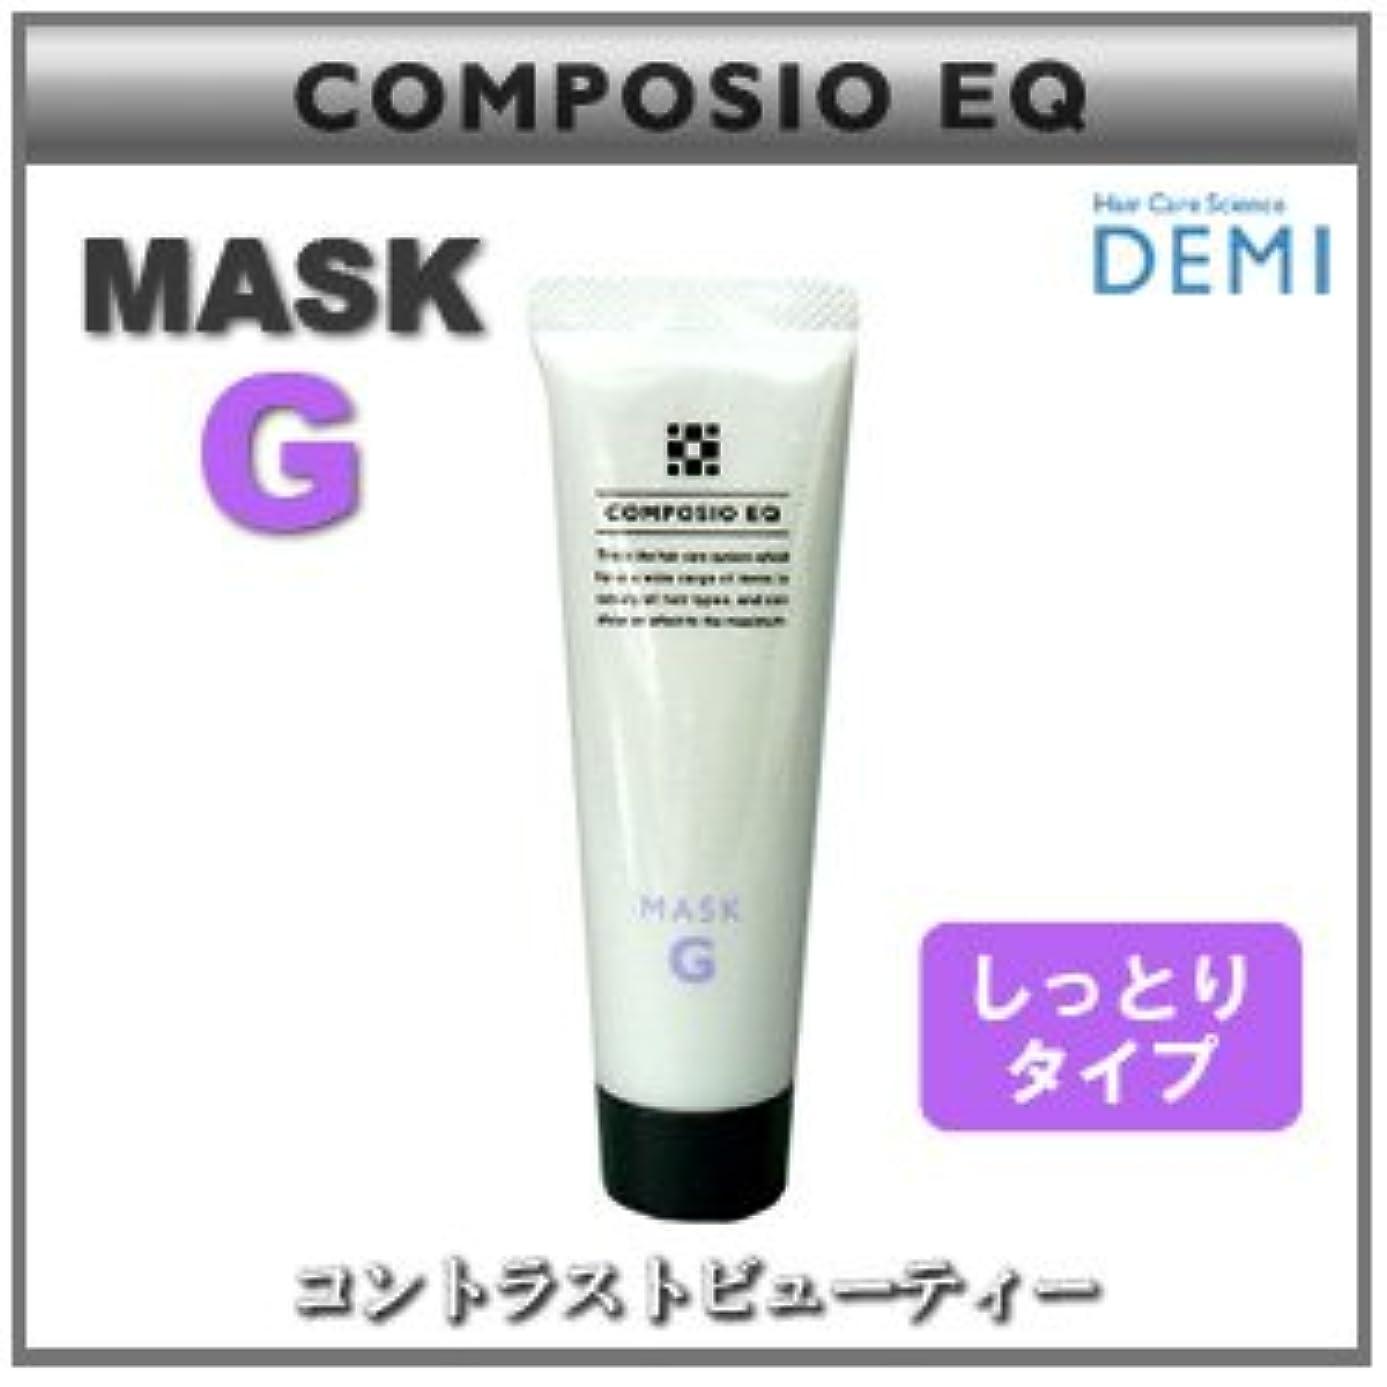 無人懐砲撃【X2個セット】 デミ コンポジオ EQ マスク G 50g